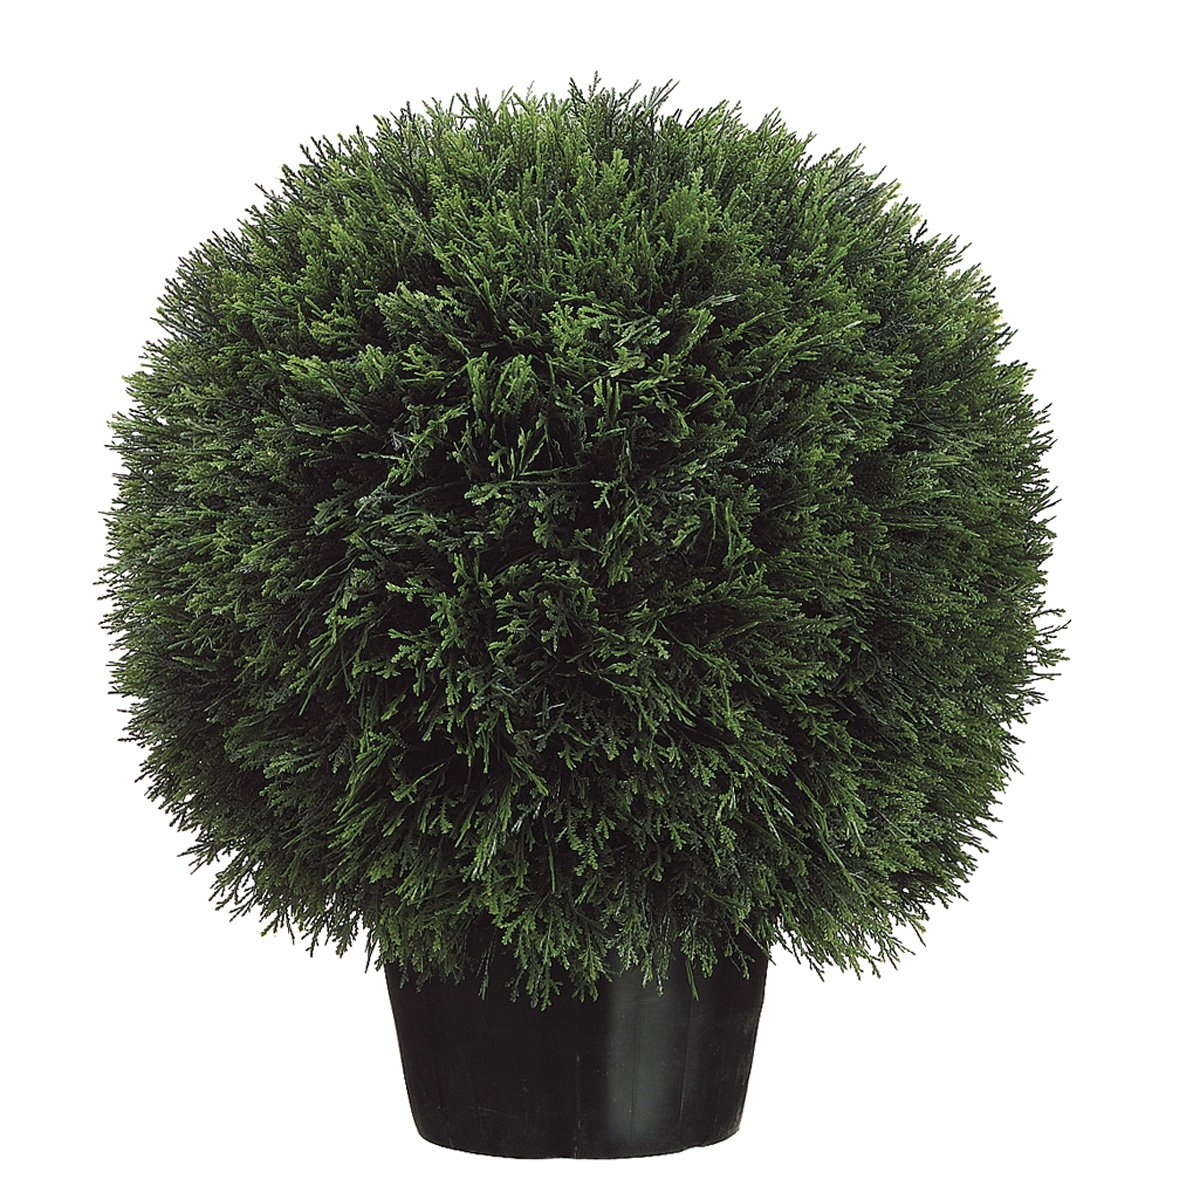 Silk Décor Cedar Ball Topiary in Pot, 20-Inch, Green by Silk Dcor